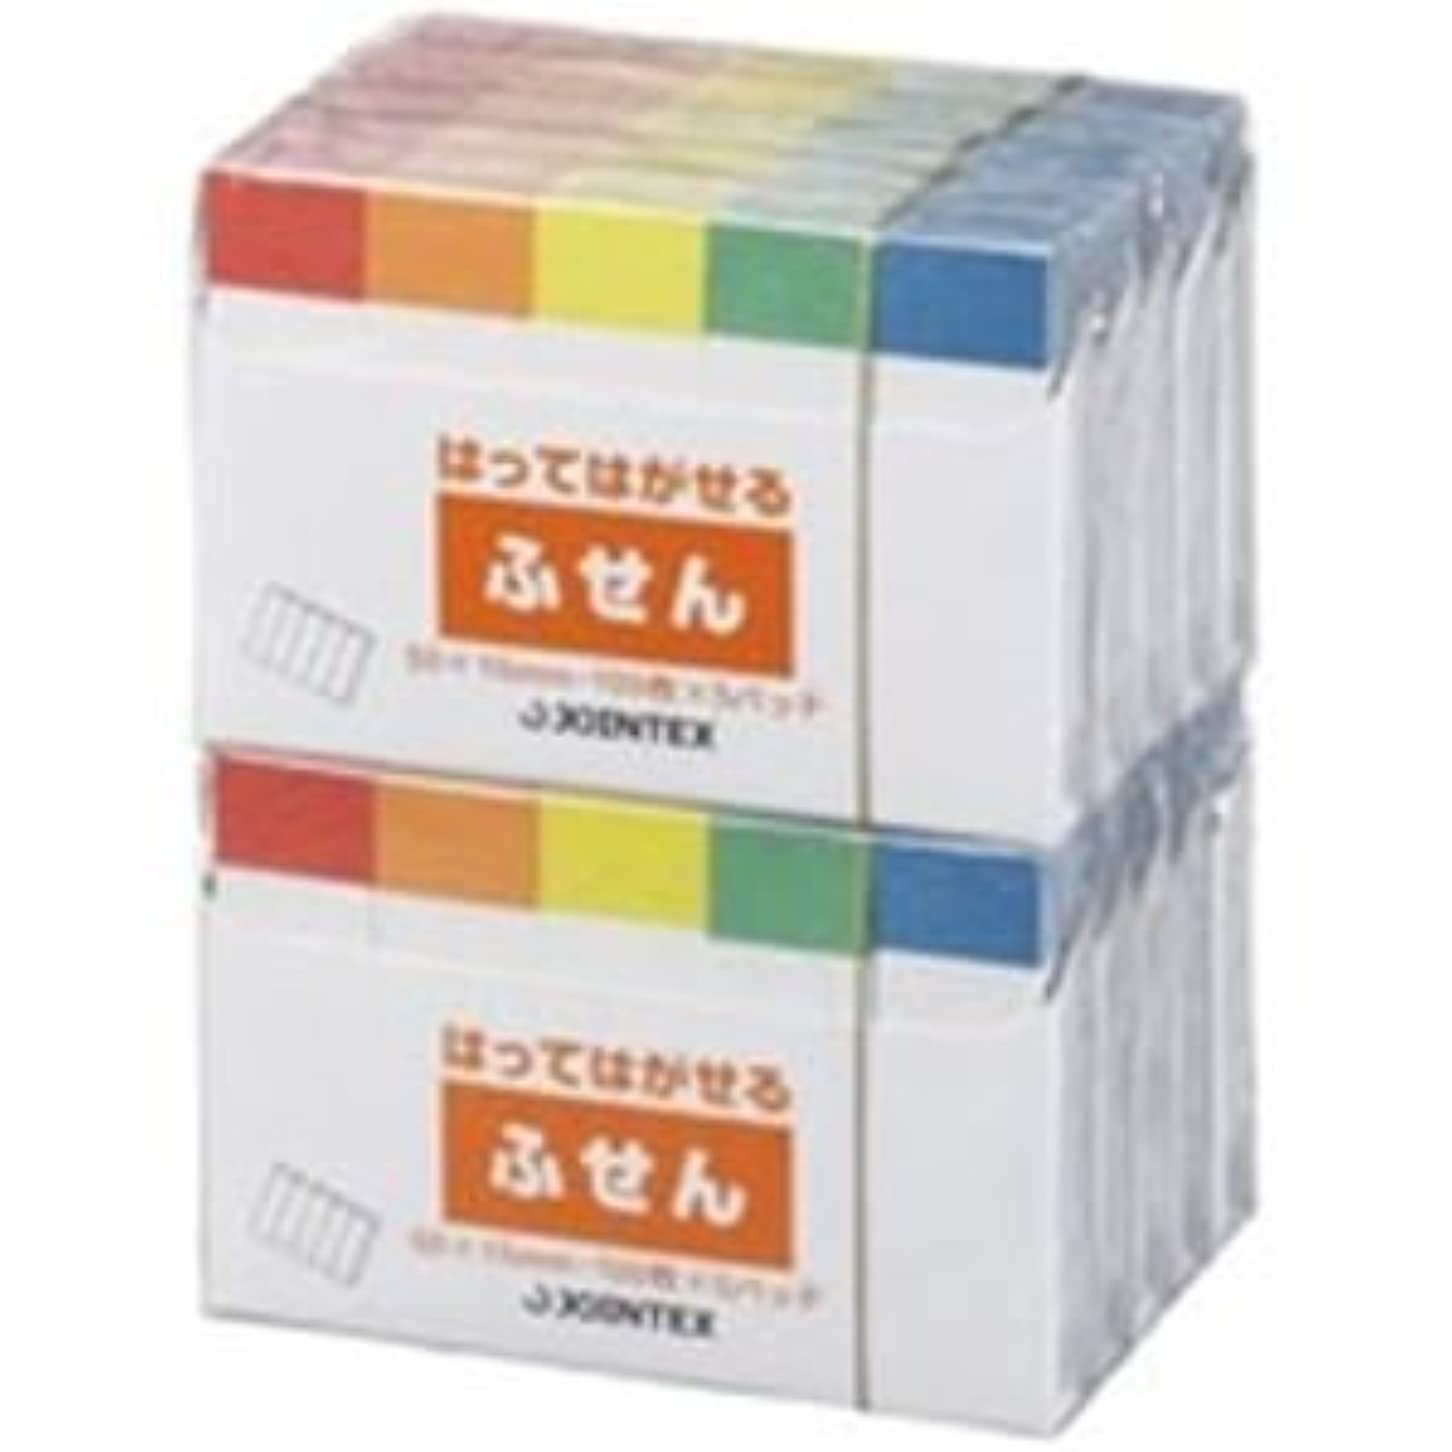 深遠証言する推定(業務用2セット) ジョインテックス 付箋/貼ってはがせるメモ 【50×15mm/色帯】 P300J-R10P 生活用品 インテリア 雑貨 文具 オフィス用品 付箋紙 ポストイット top1-ds-1461391-sd5-ah [独自簡易包装]